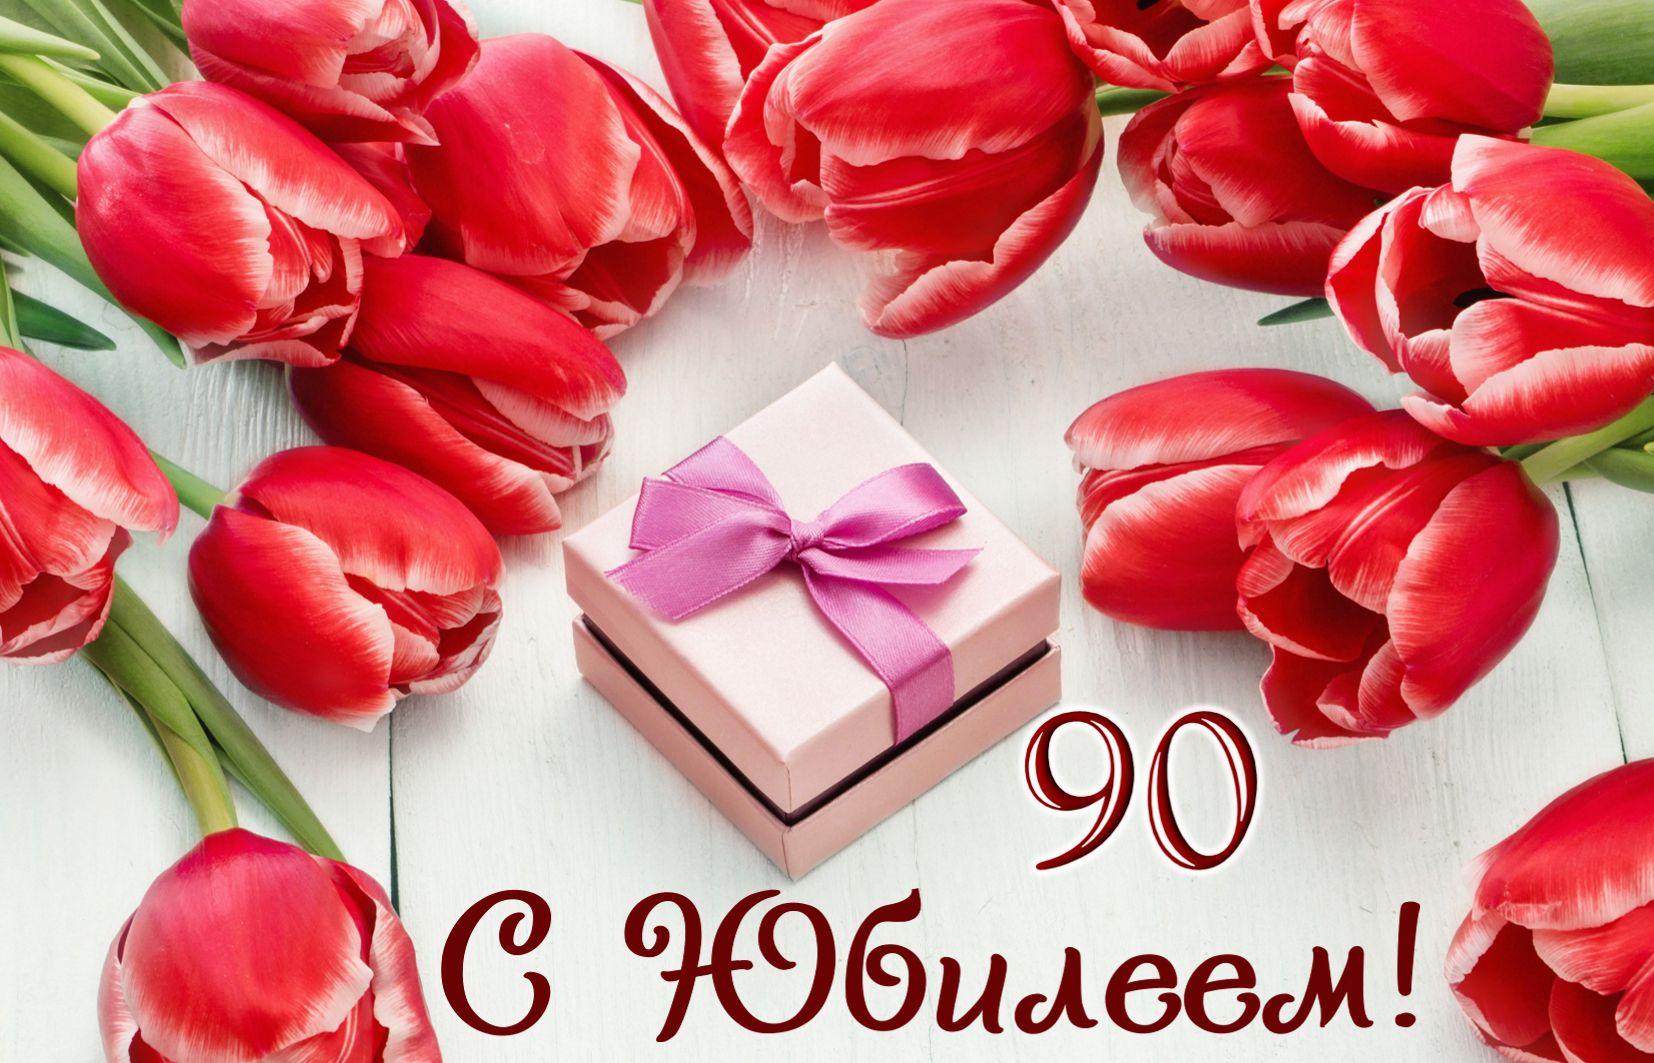 Красные тюльпаны и подарок к юбилею 90 лет